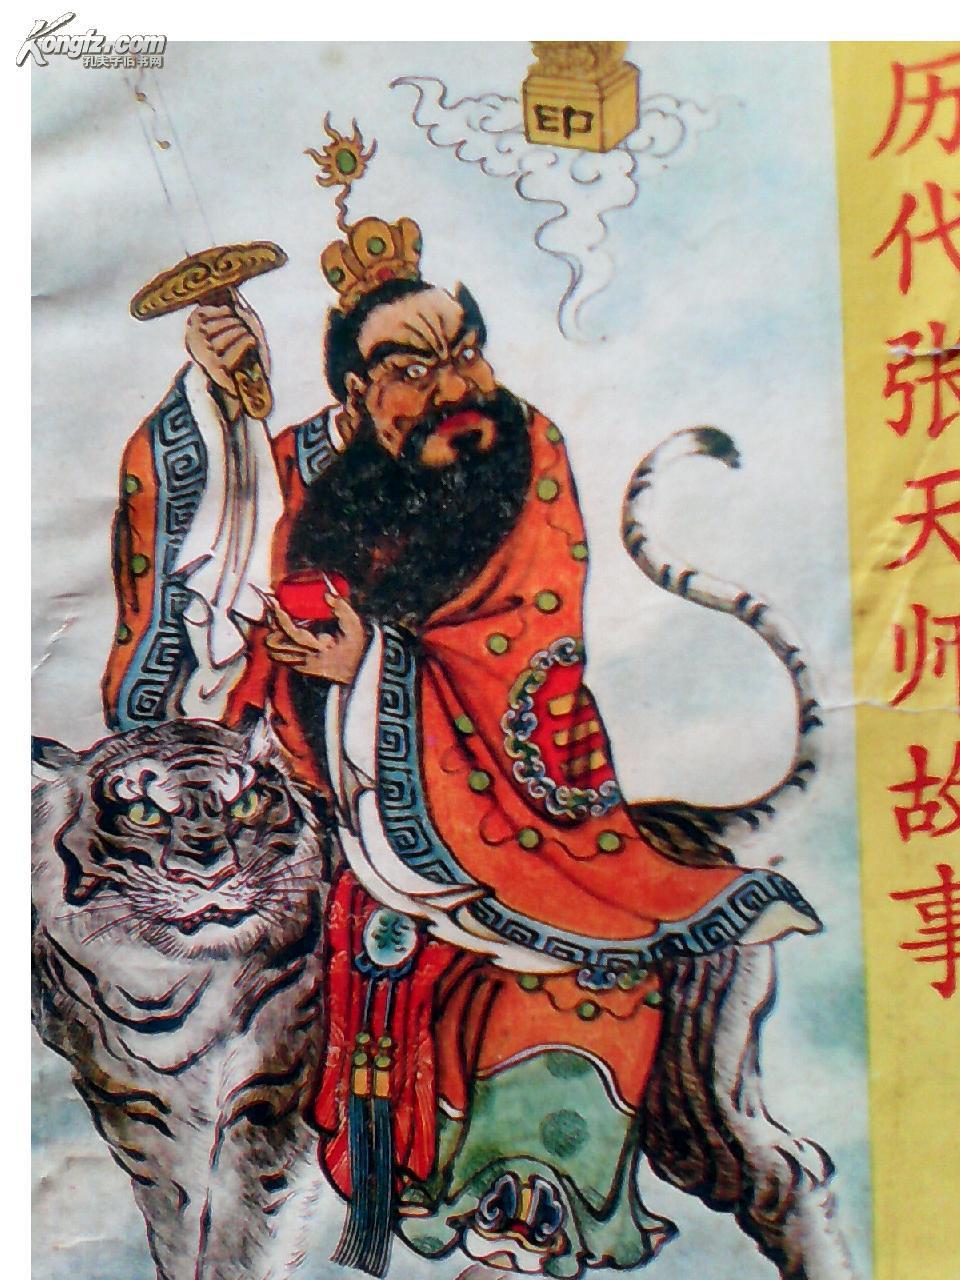 还有释小龙和他的胖胖朋友啊  不确定啊      捉鬼大丈夫(严秋华)诚徵